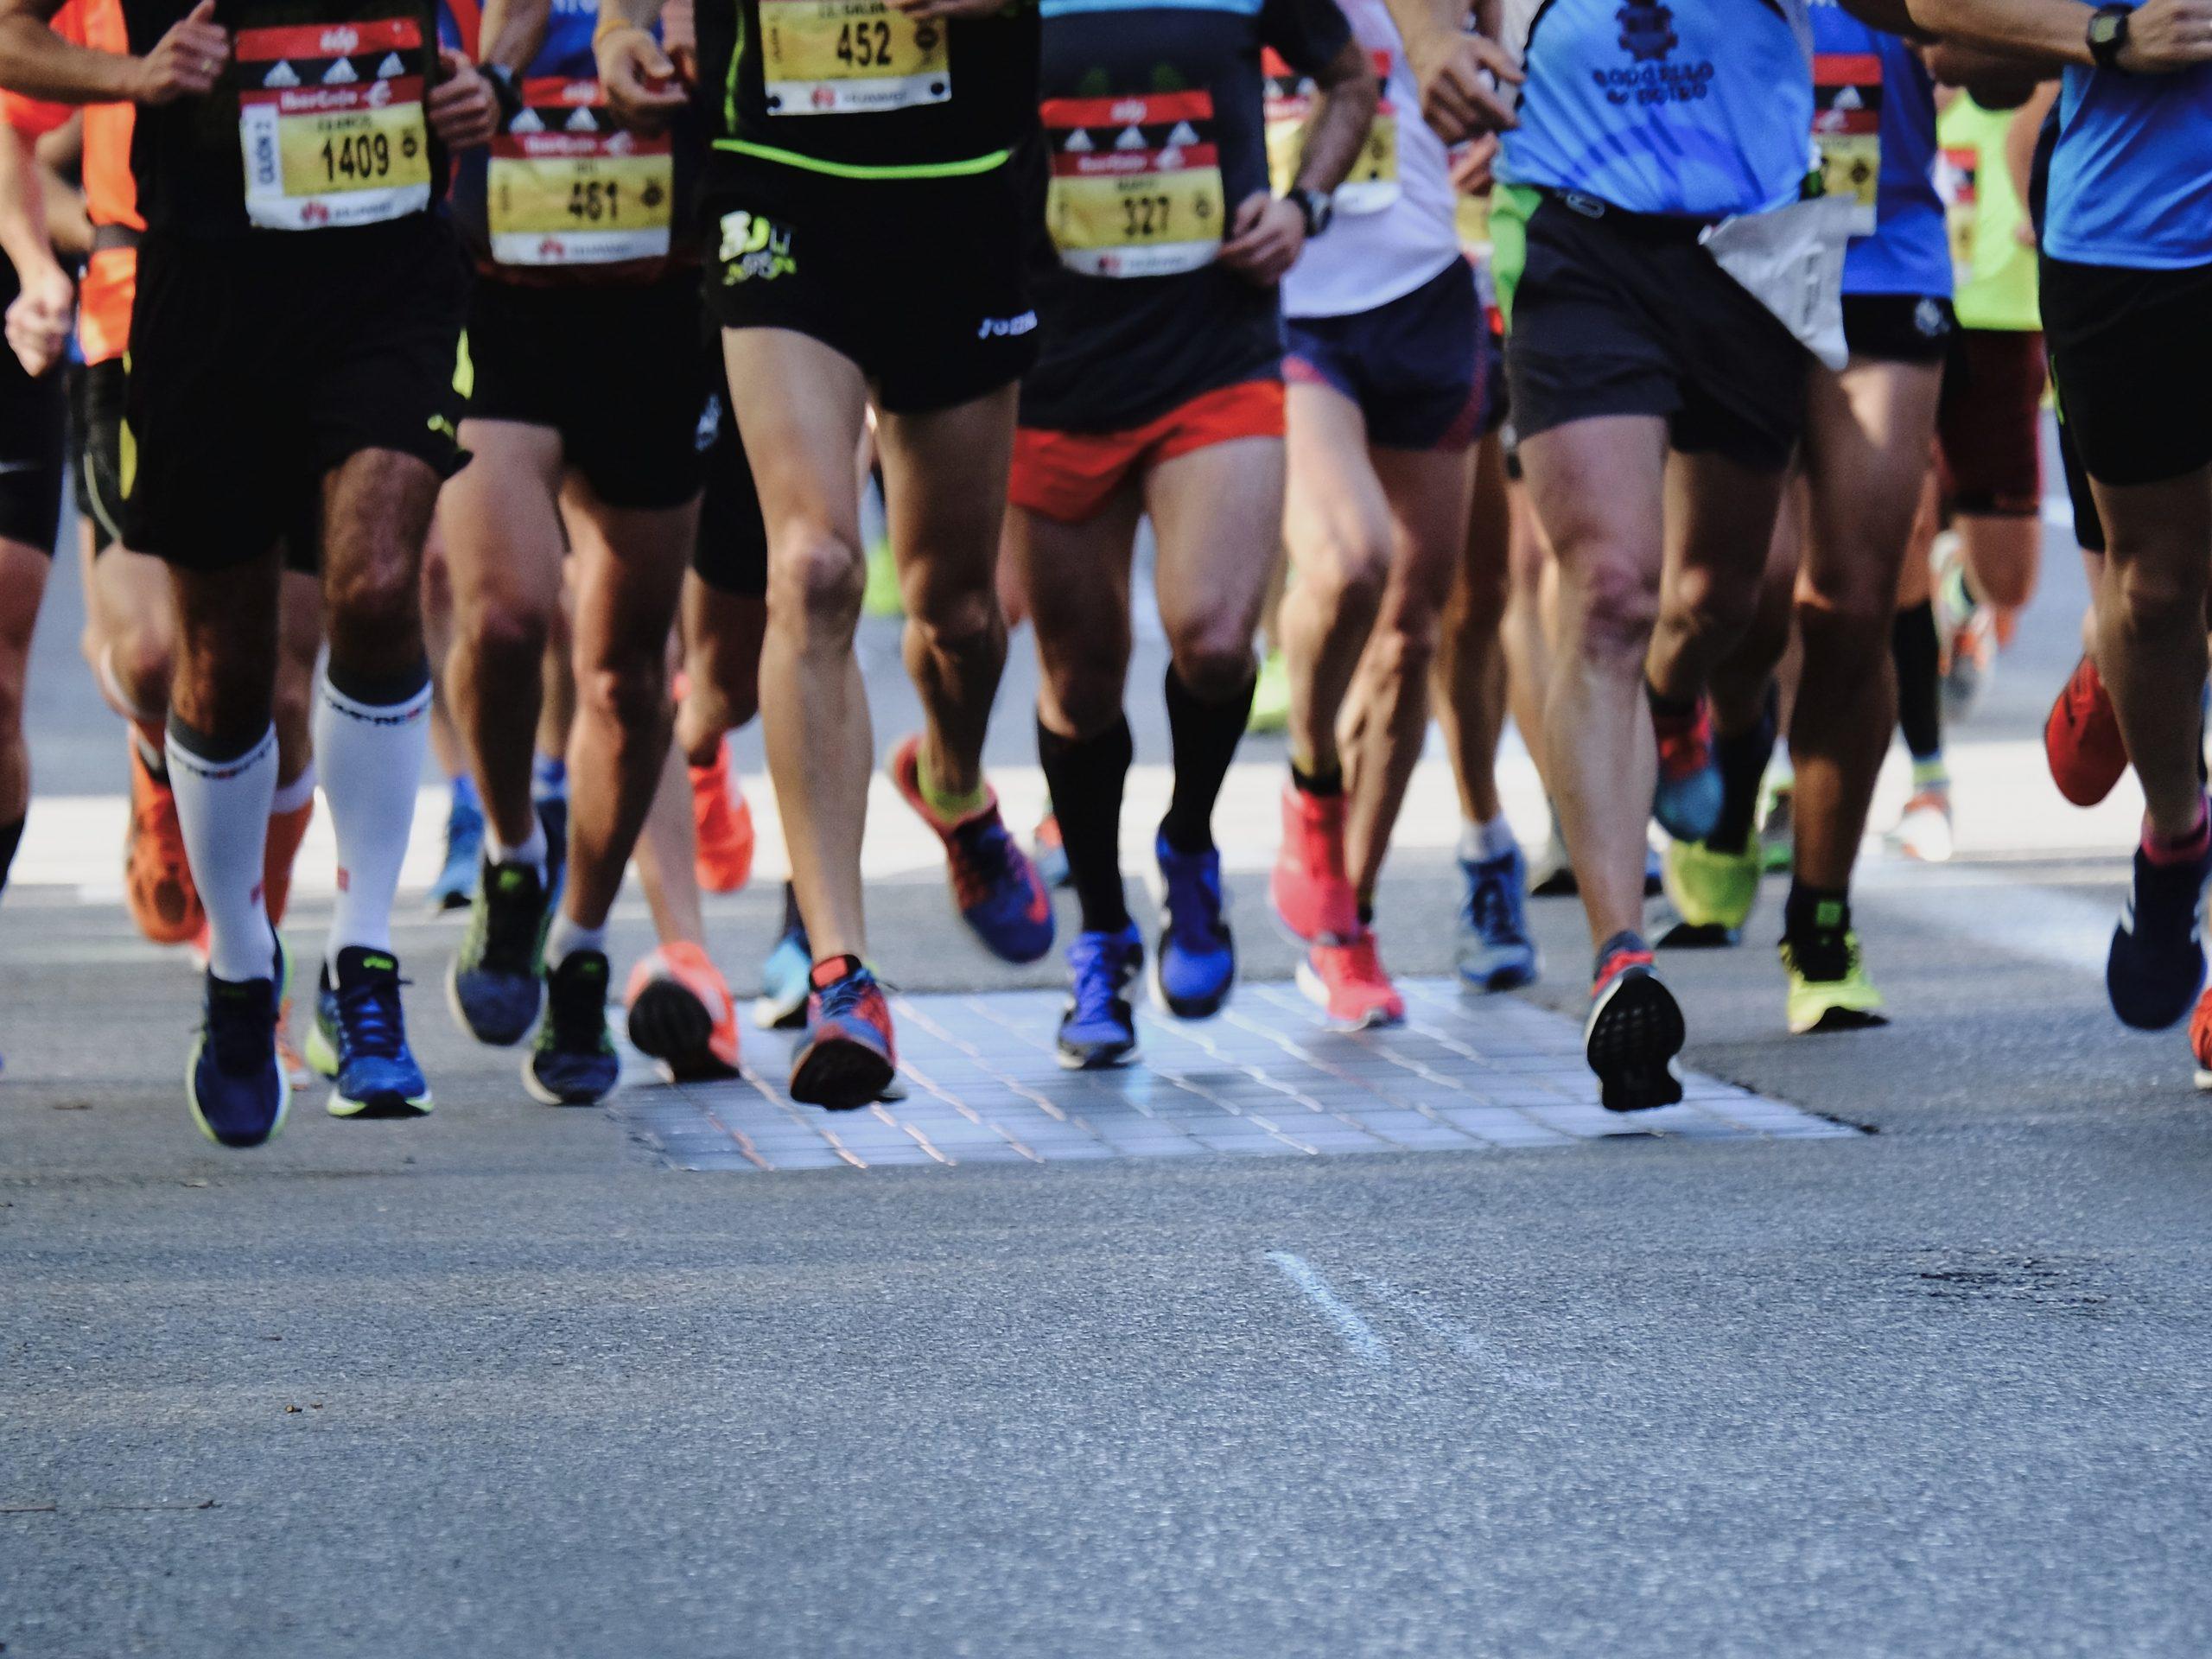 În weekend se aleargă la Semimaratonul Bucureștiului. 5 informații utile pentru participanți